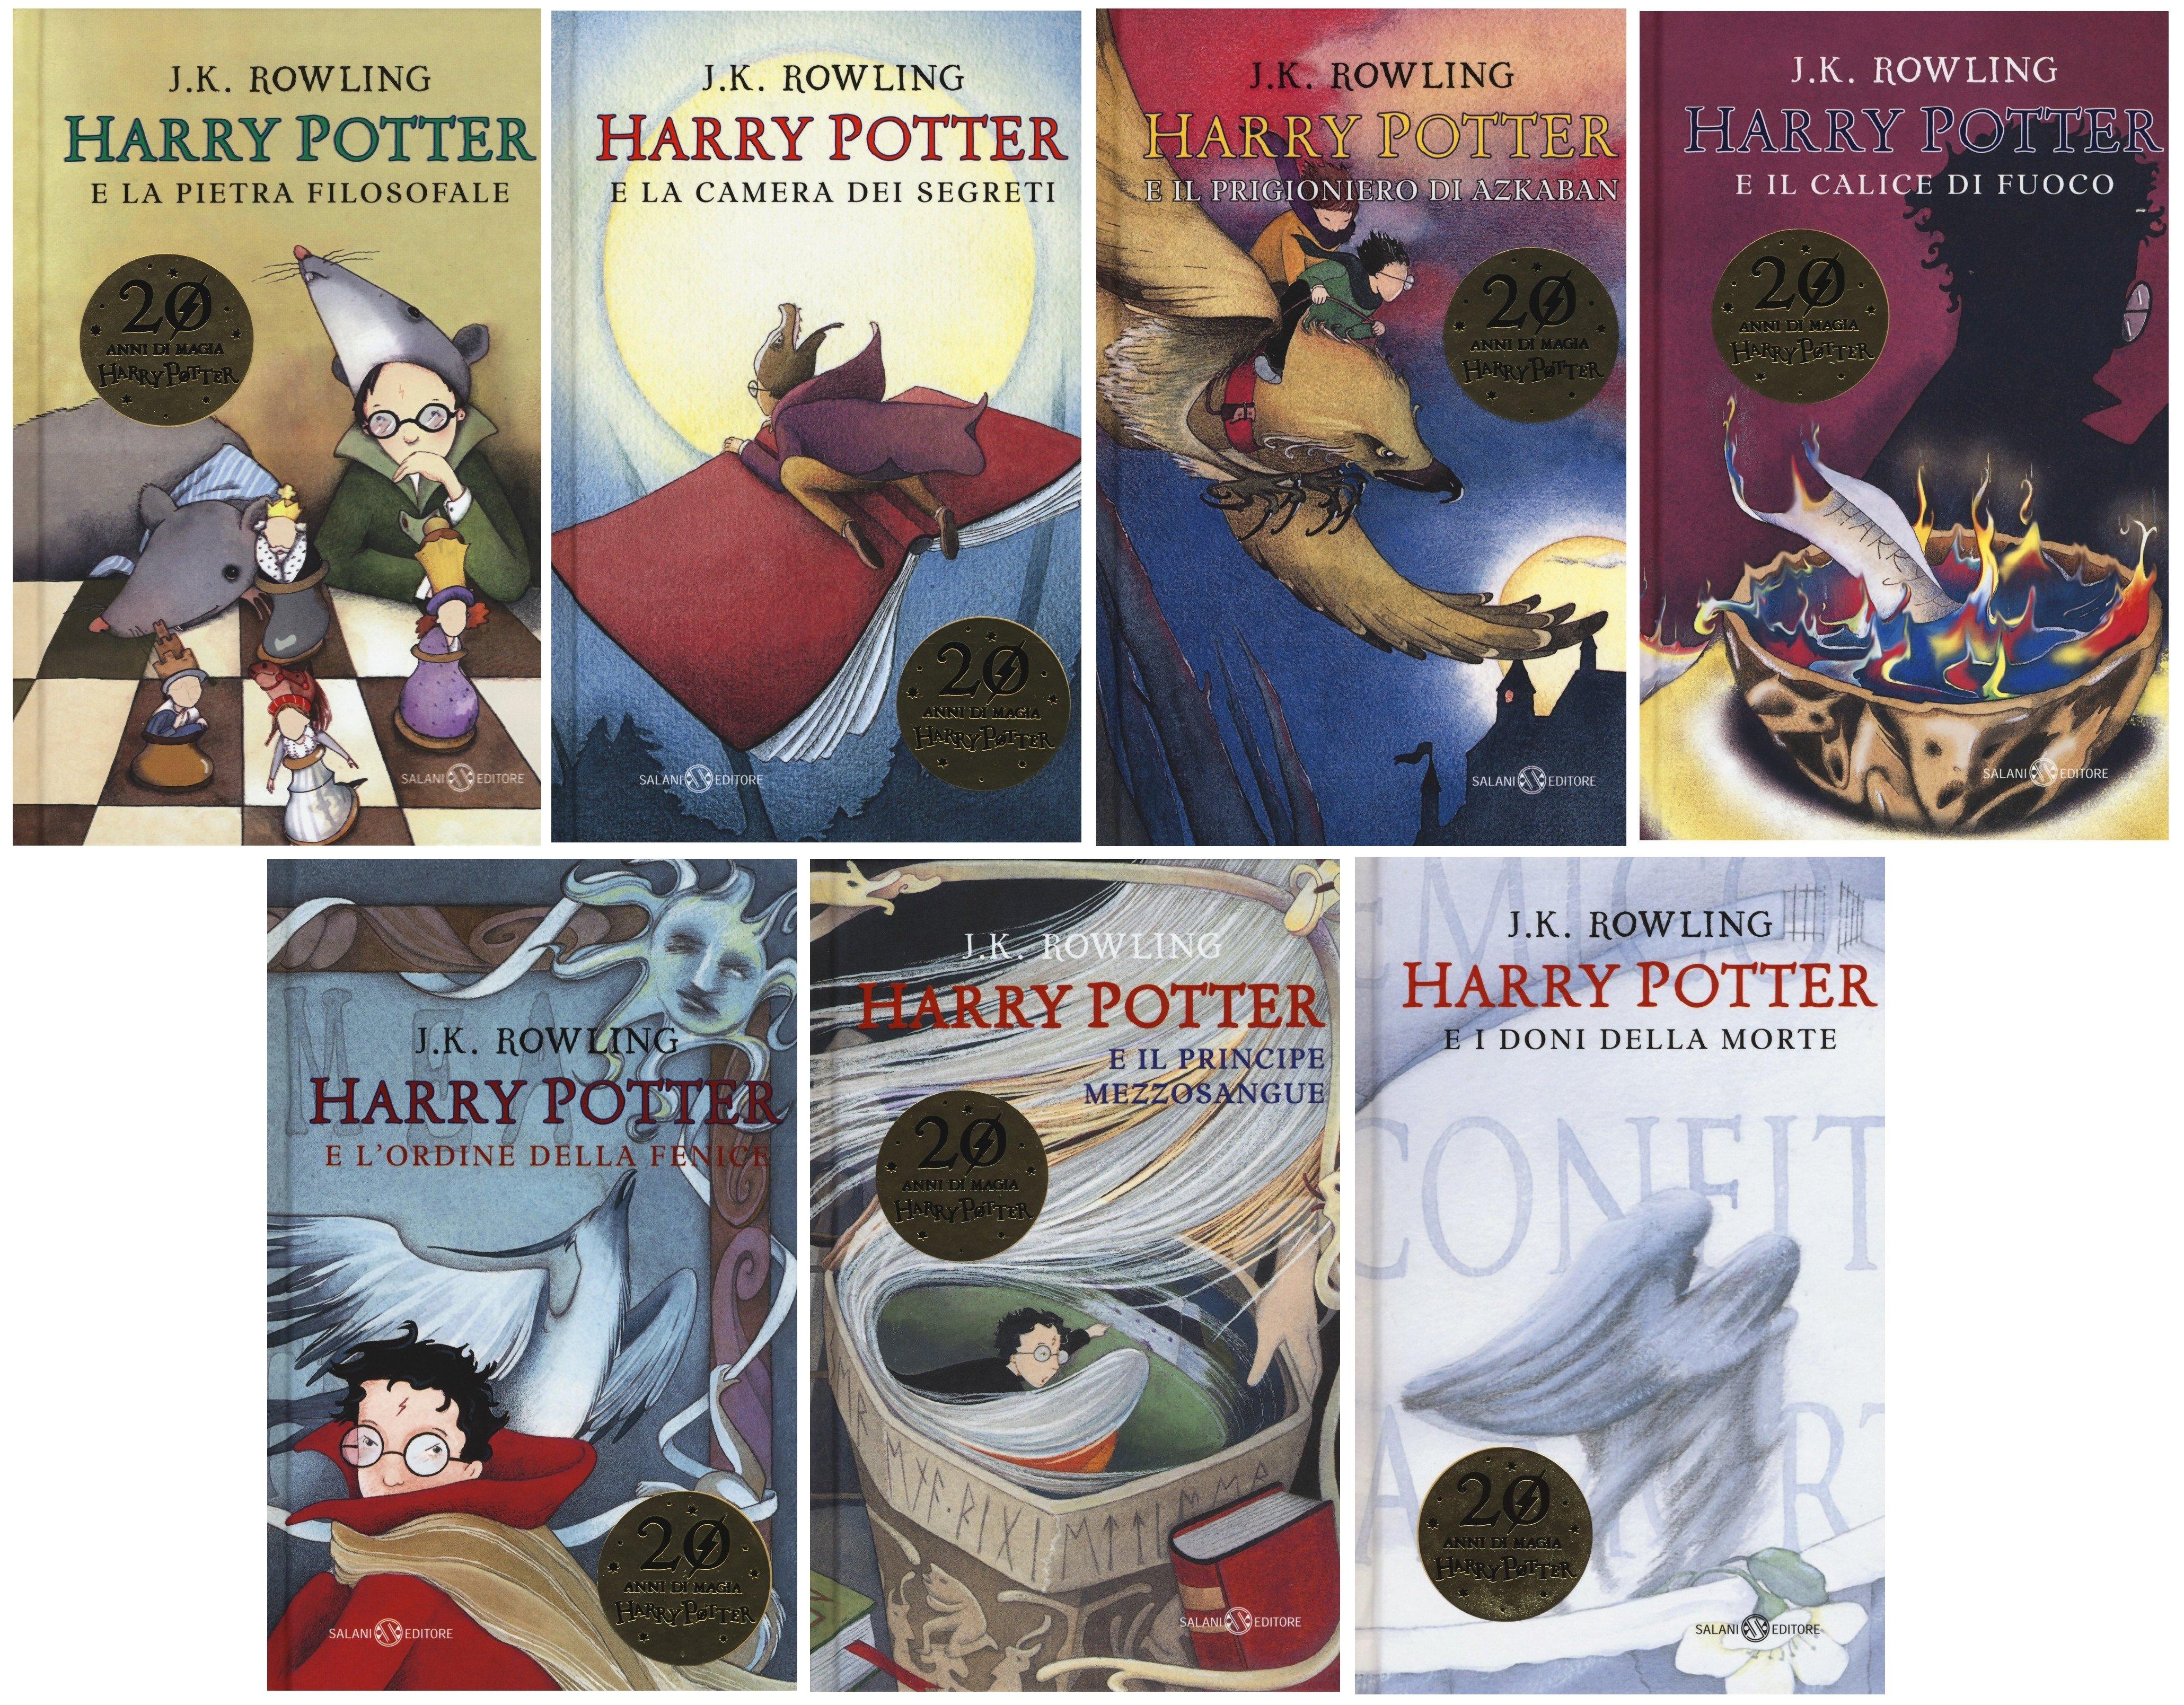 Harry Potter Camera Segreti Illustrato : Unveilvoldemort sbloccata l illustrazione di voldemort da harry